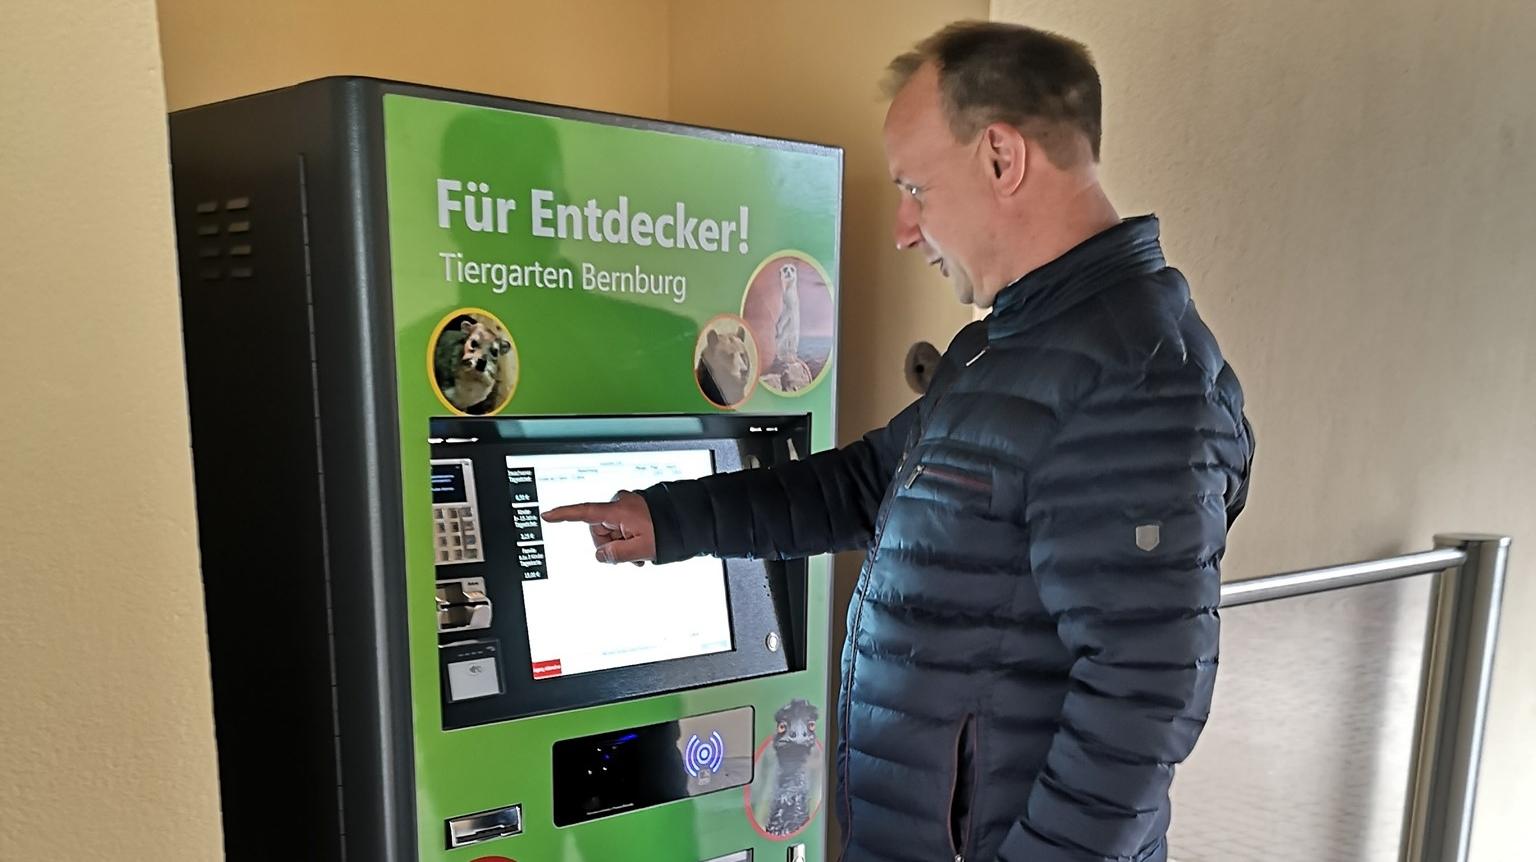 Bernburger Freizeiteinrichtungen setzen auf Digitalisierung